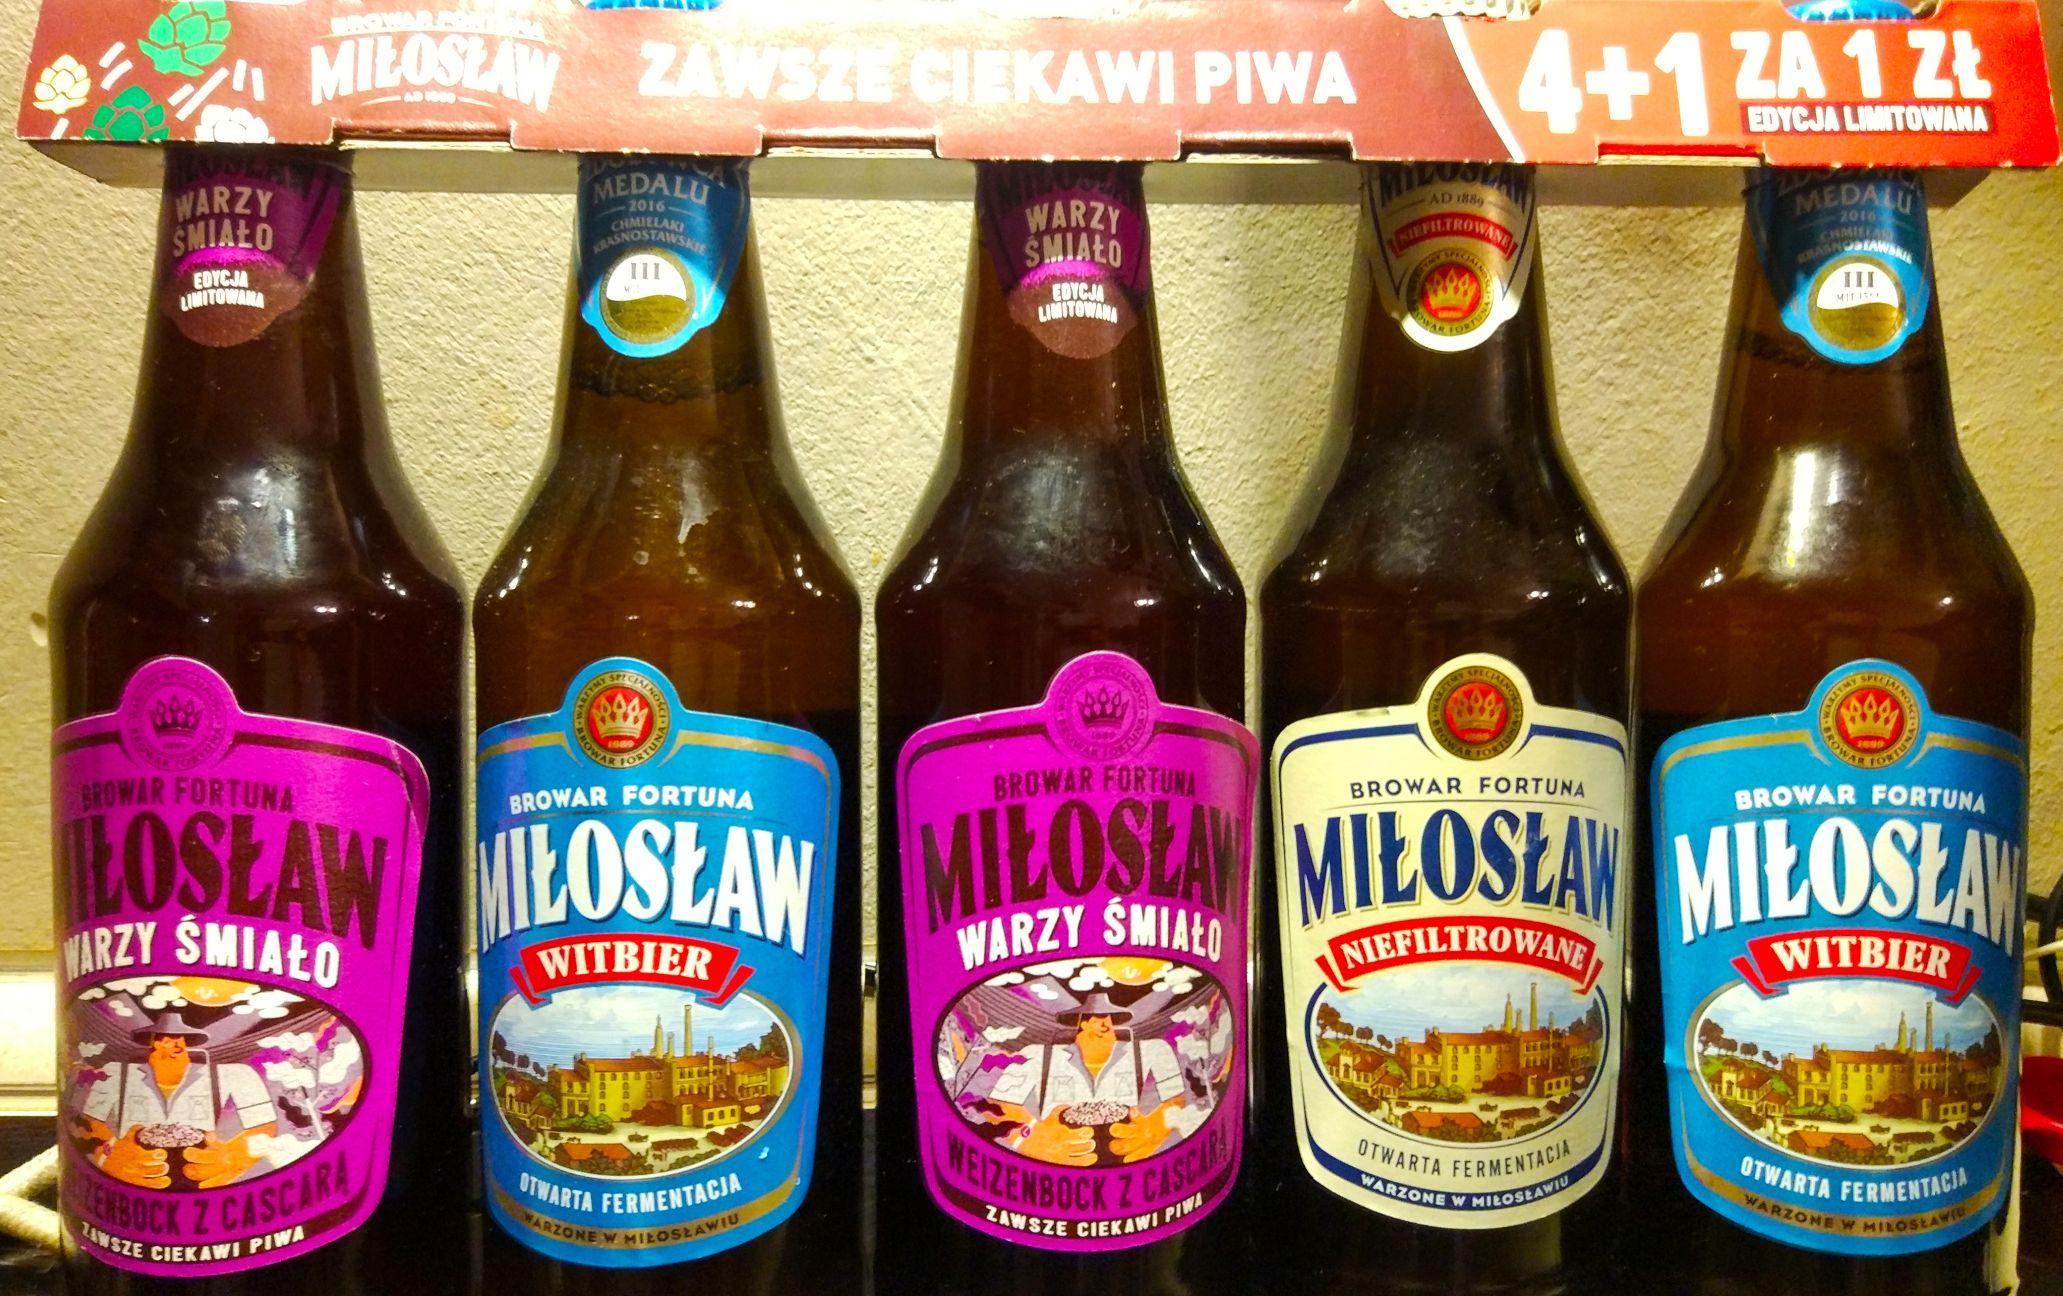 5-pak Miłosław w Auchan za 10zl (kaucja 0zl) - butelka za 2zl